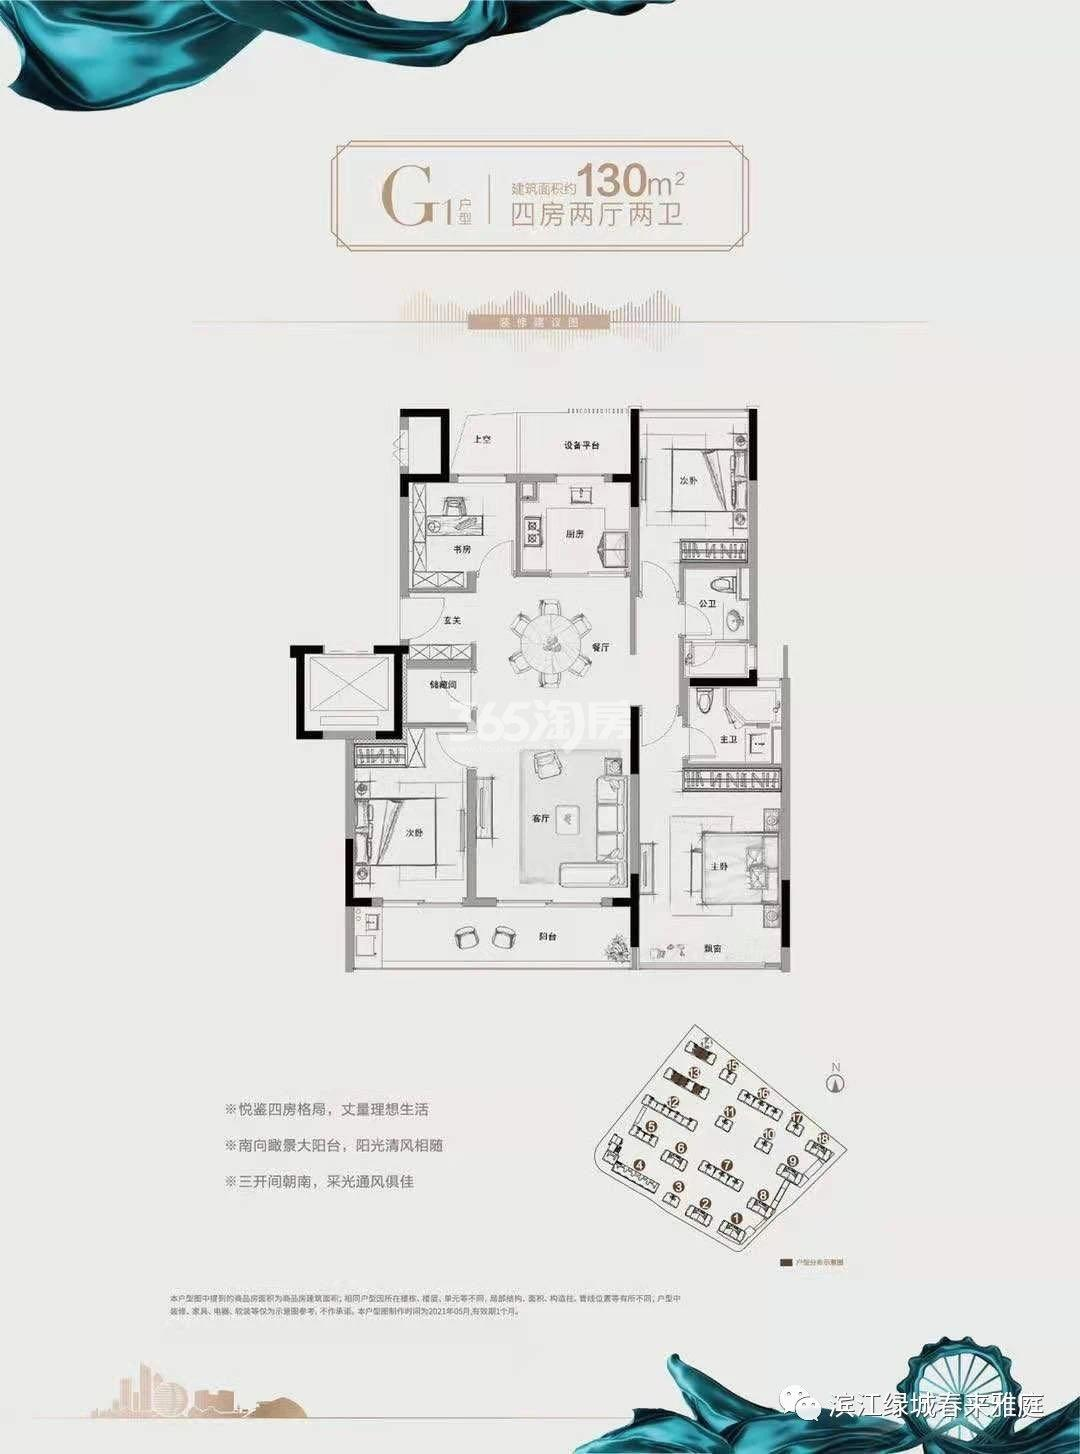 滨江绿城春来雅庭G1户型建面约130方